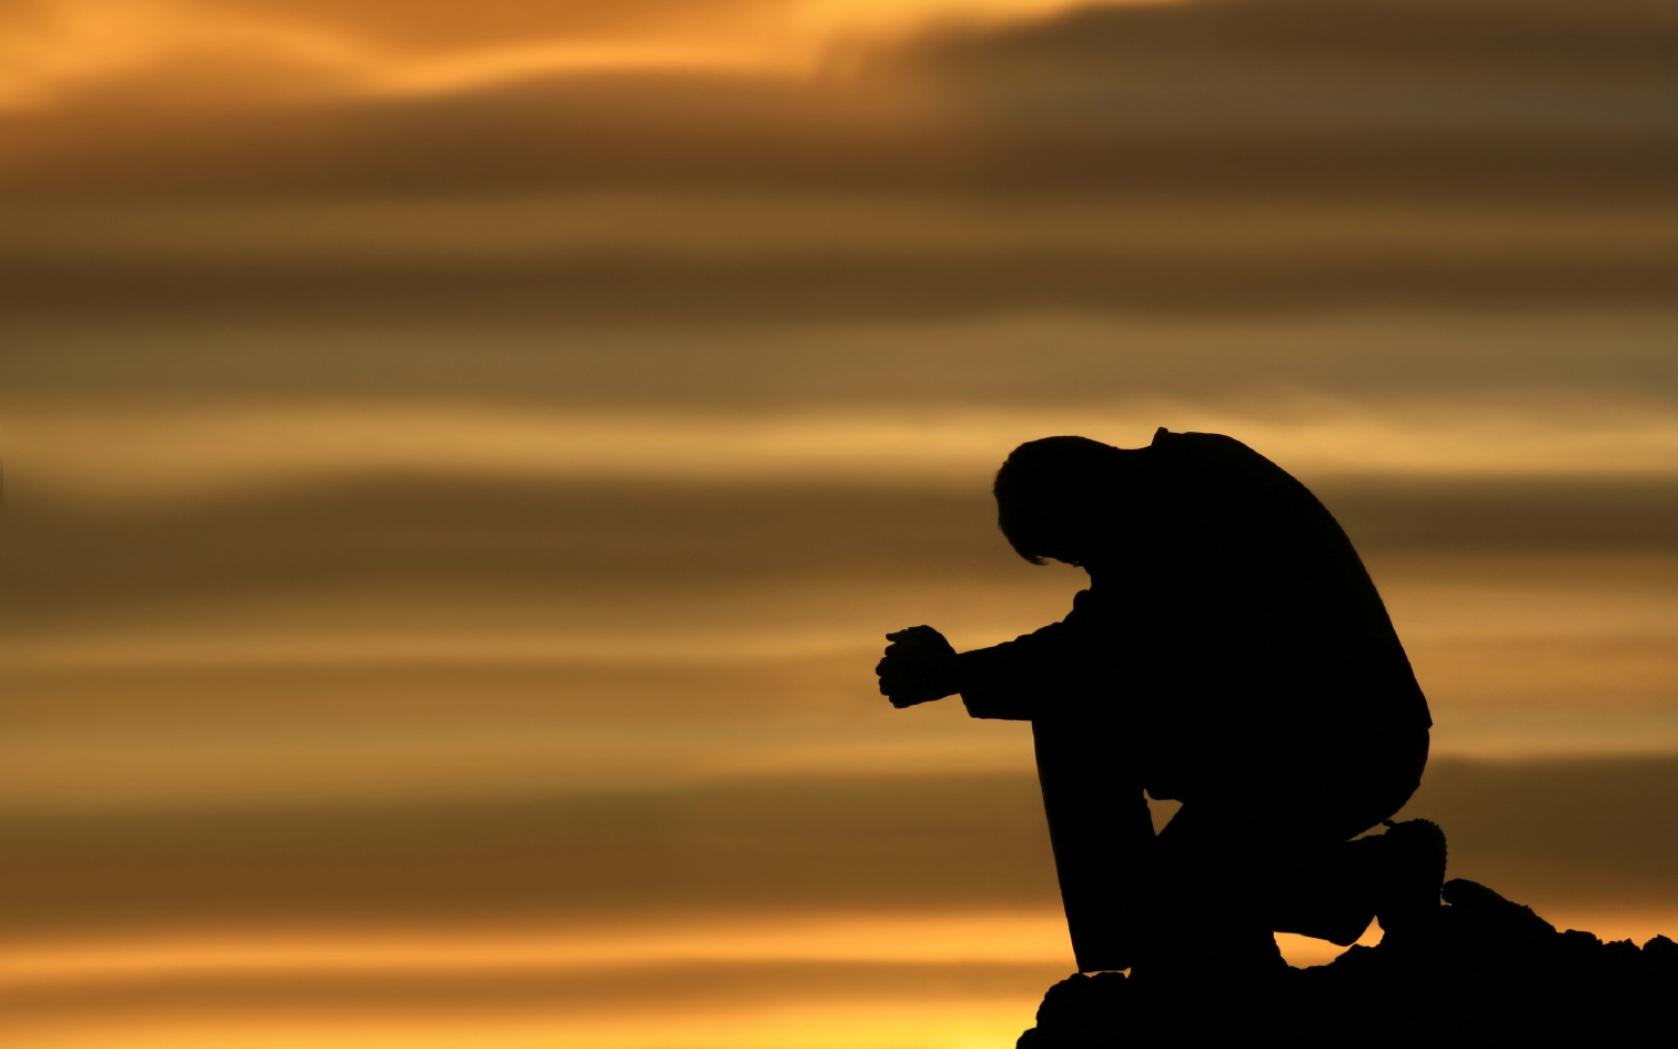 https://fpccwakefield.org/wp-content/uploads/2015/05/prayer-warrior.jpg